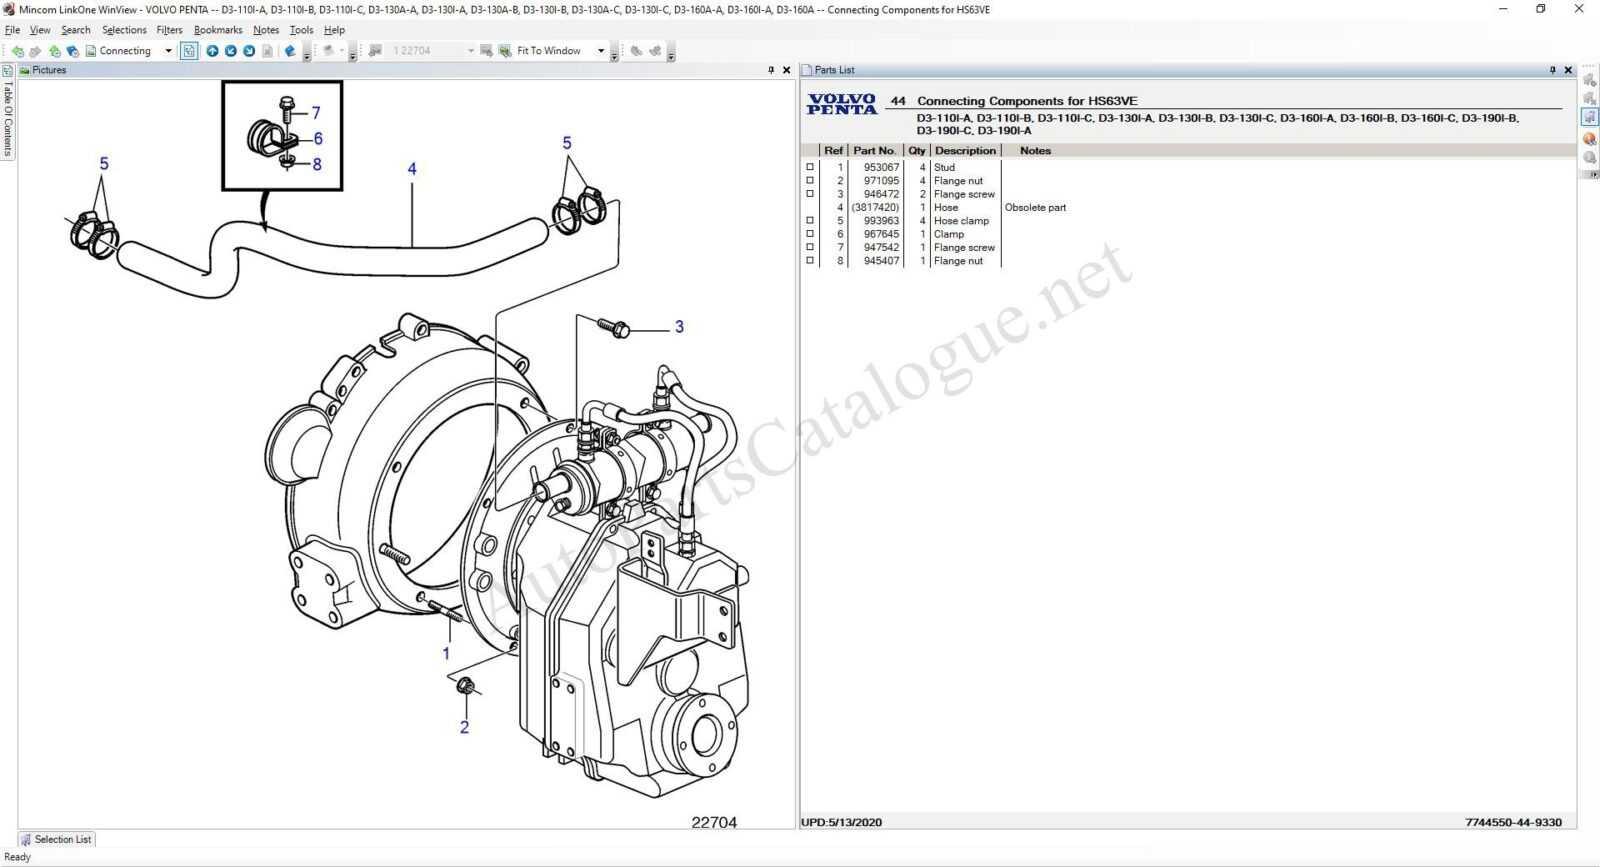 volvo penta epc 2020 parts catalog download